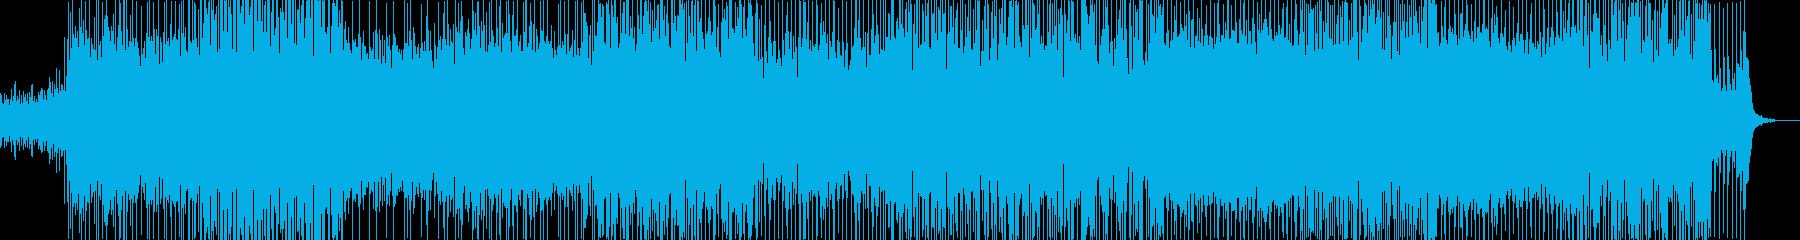 不思議な曲ですの再生済みの波形